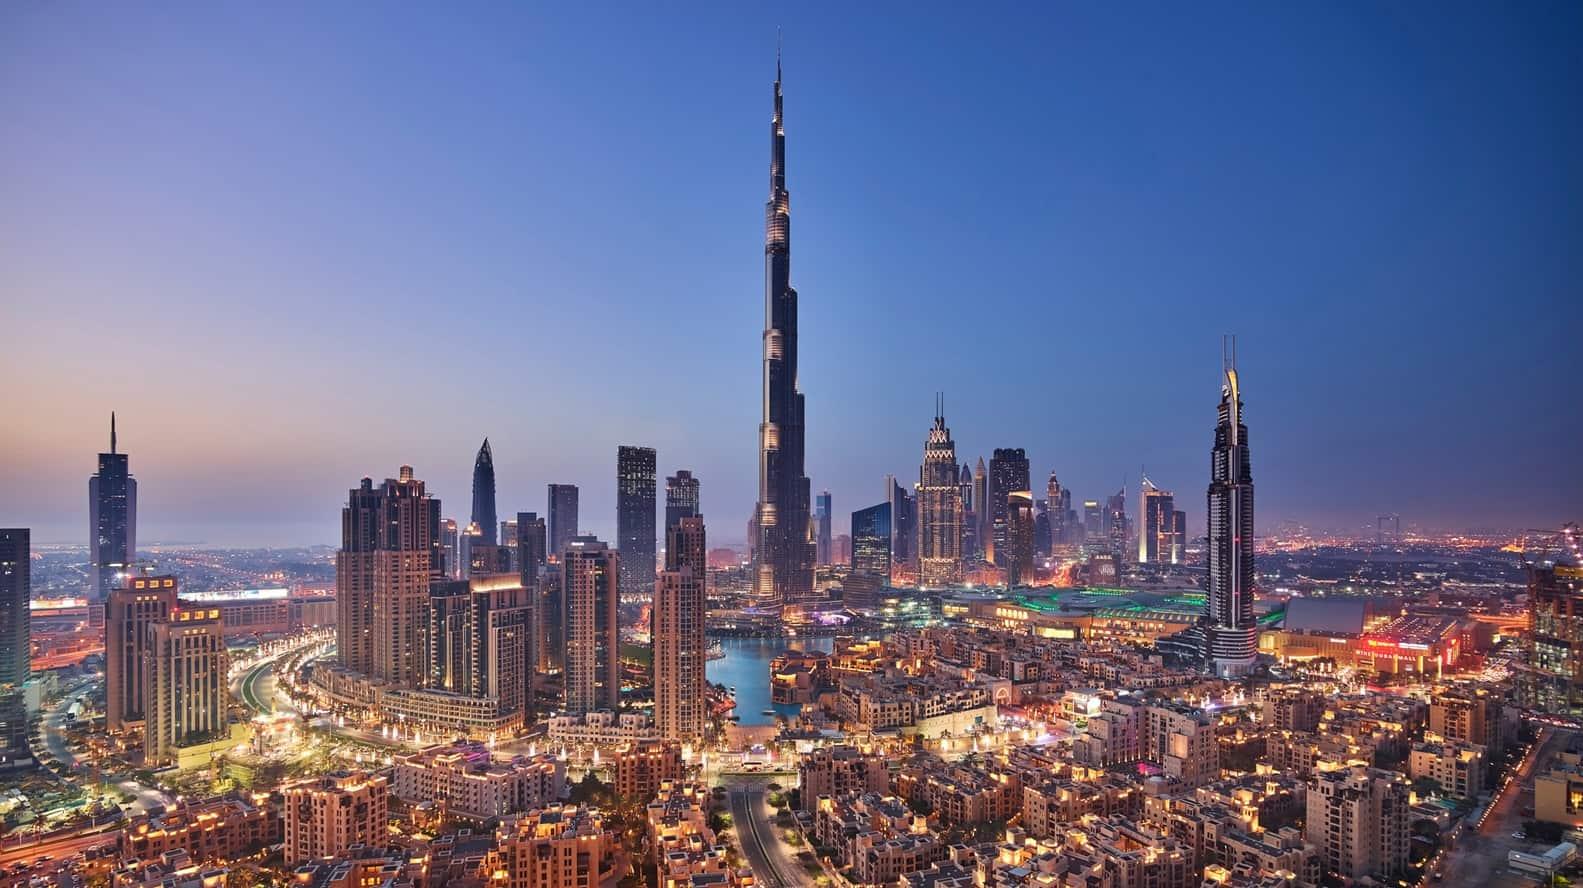 الخدمات التي تقدمهاالقنصلية الاردنية في دبي